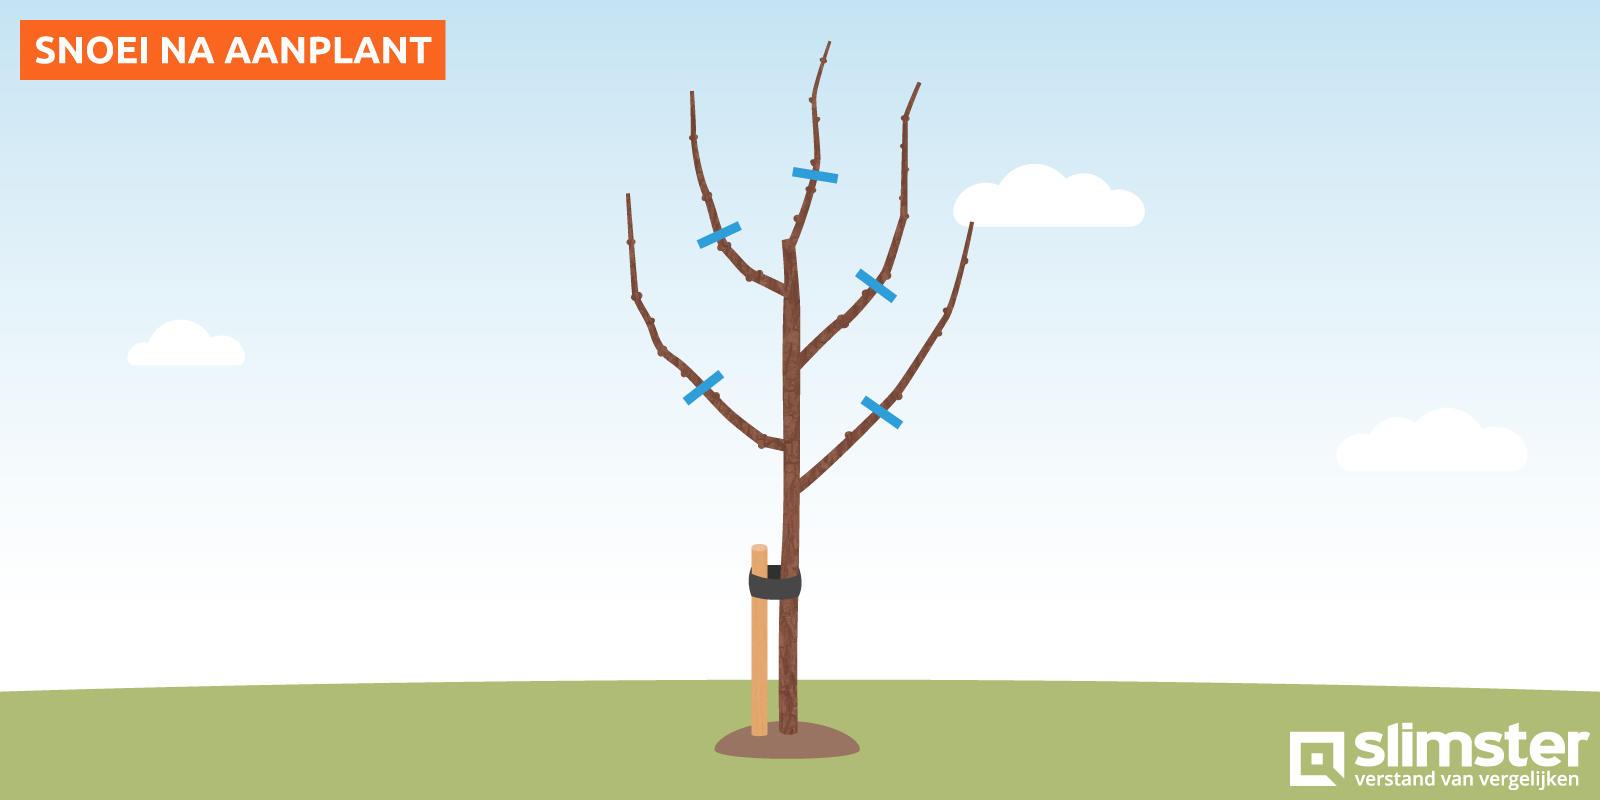 Appelboom snoeien na aanplant